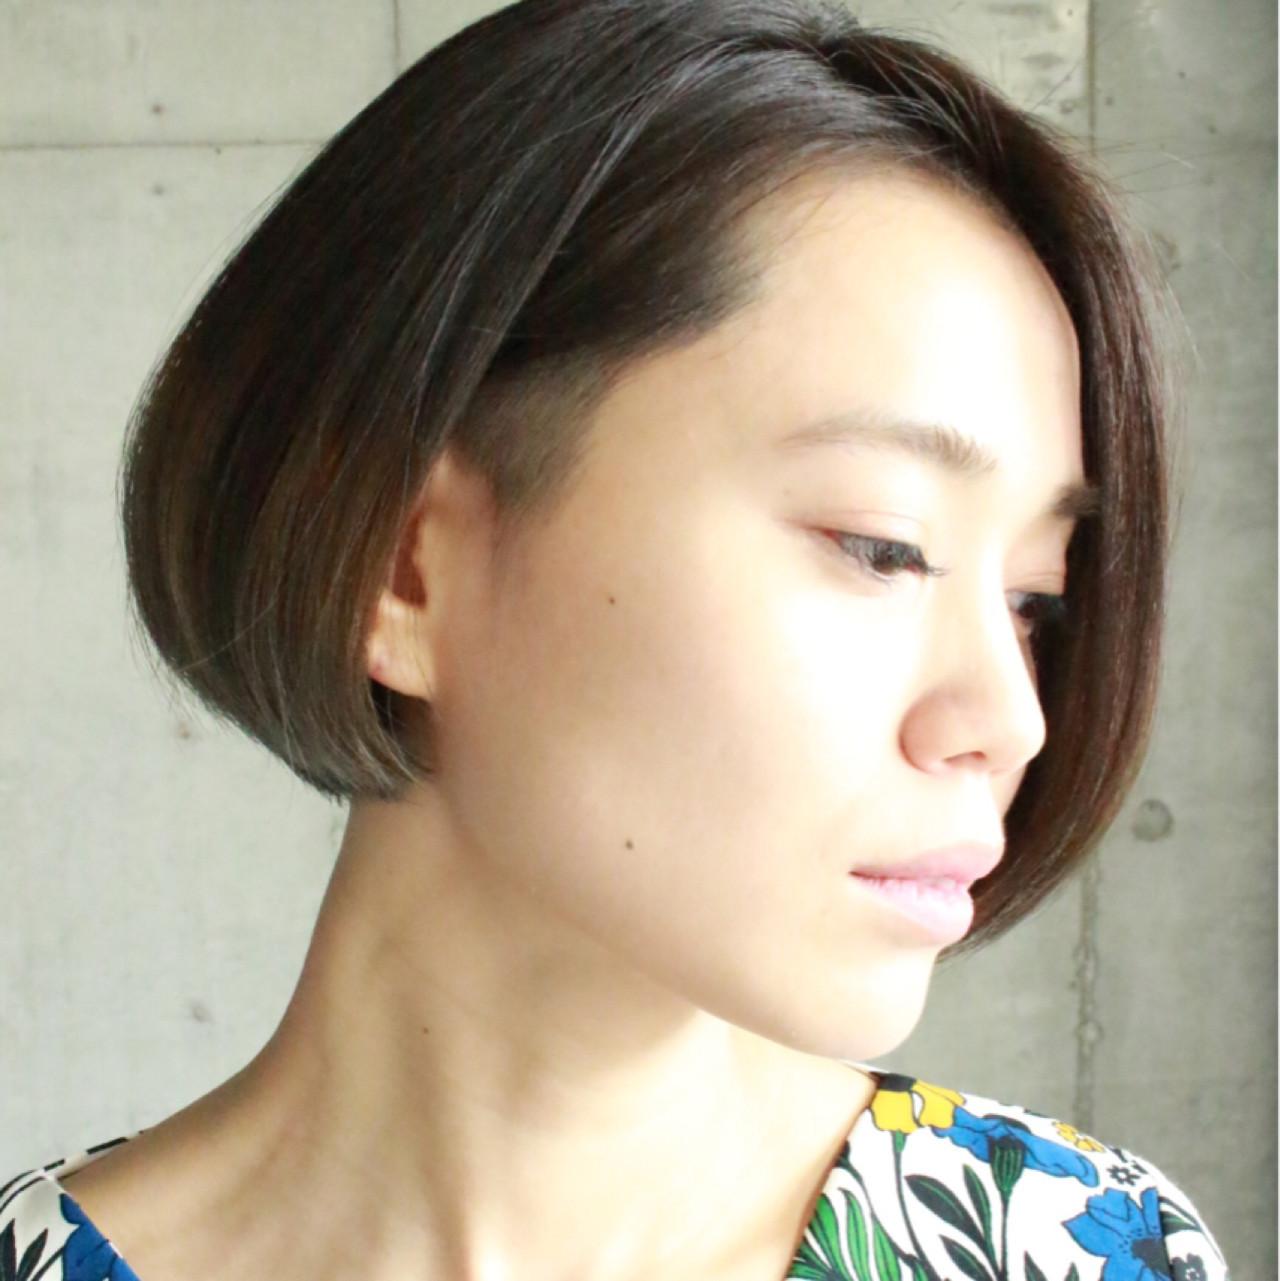 モード 刈り上げ ボブ 大人女子 ヘアスタイルや髪型の写真・画像